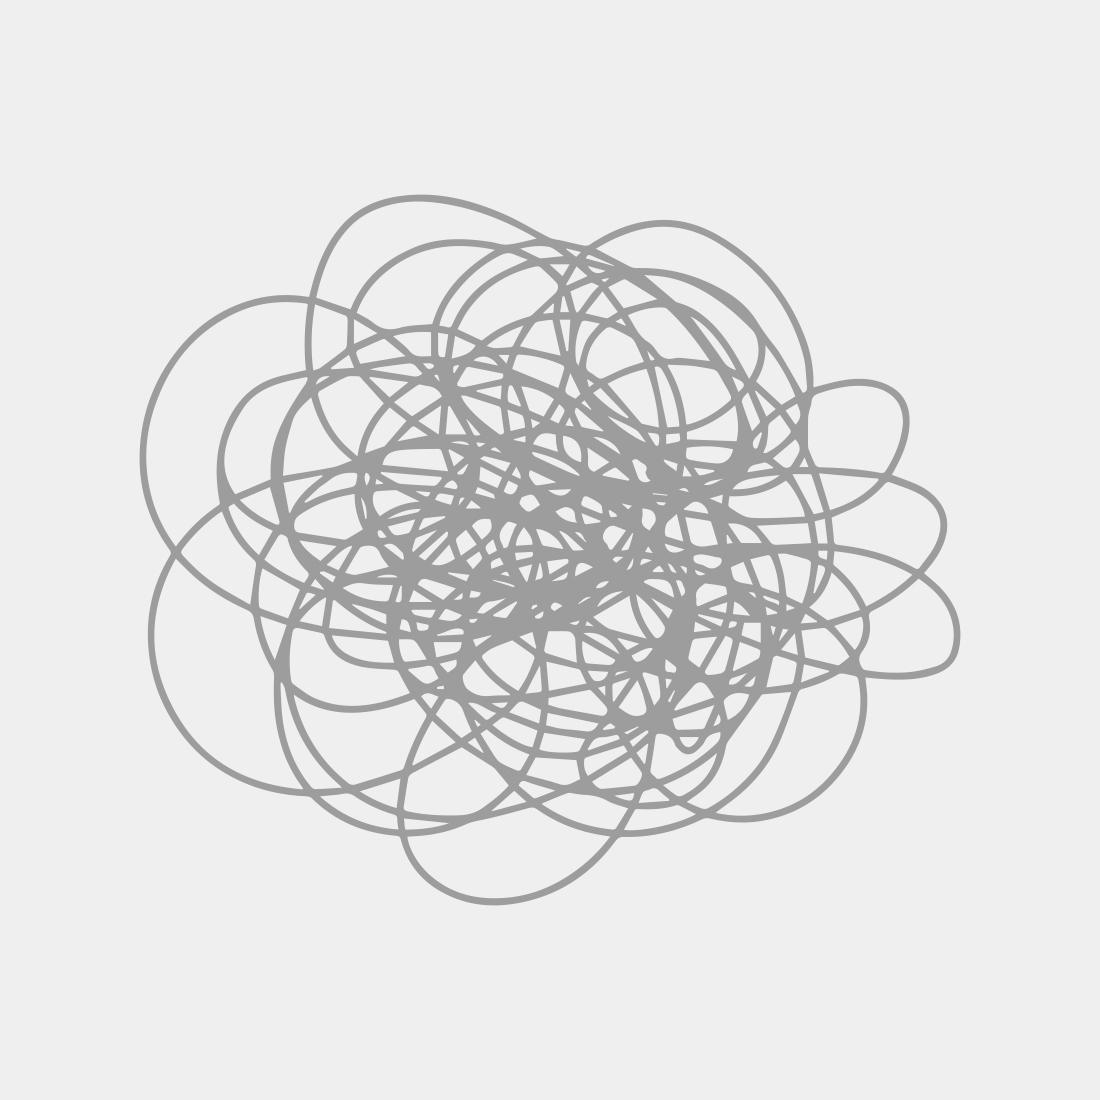 Picasso's Animals